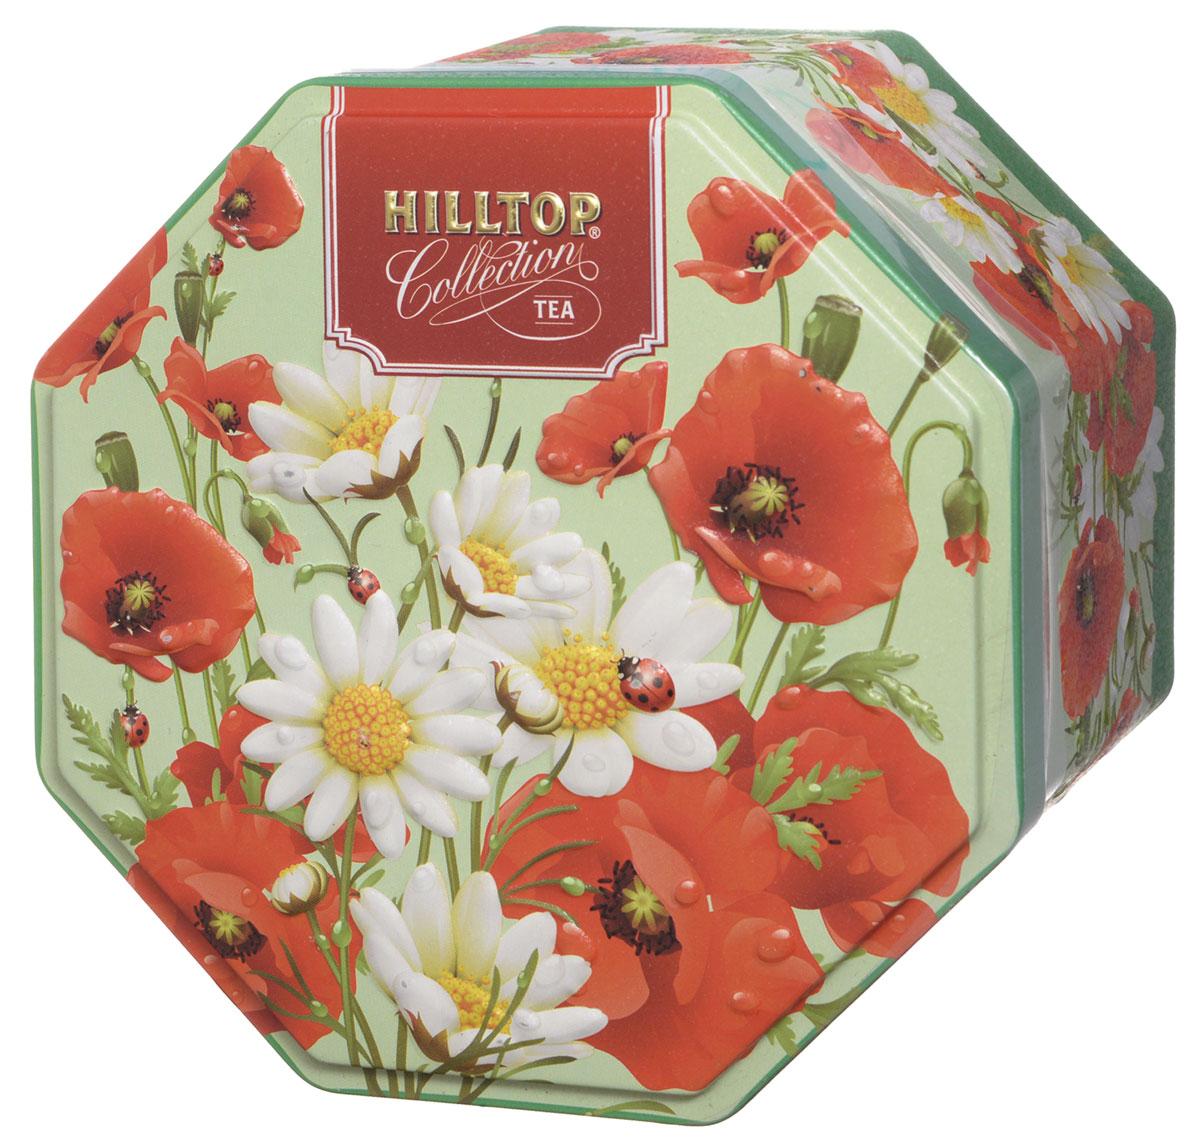 Hilltop Букет цветов. Цейлонское утро черный листовой чай, 150 г4607099302570Hilltop Букет цветов. Цейлонское утро - классический цейлонский черный чай с мягким ароматом, терпко-сладким вкусом и тонизирующими свойствами.